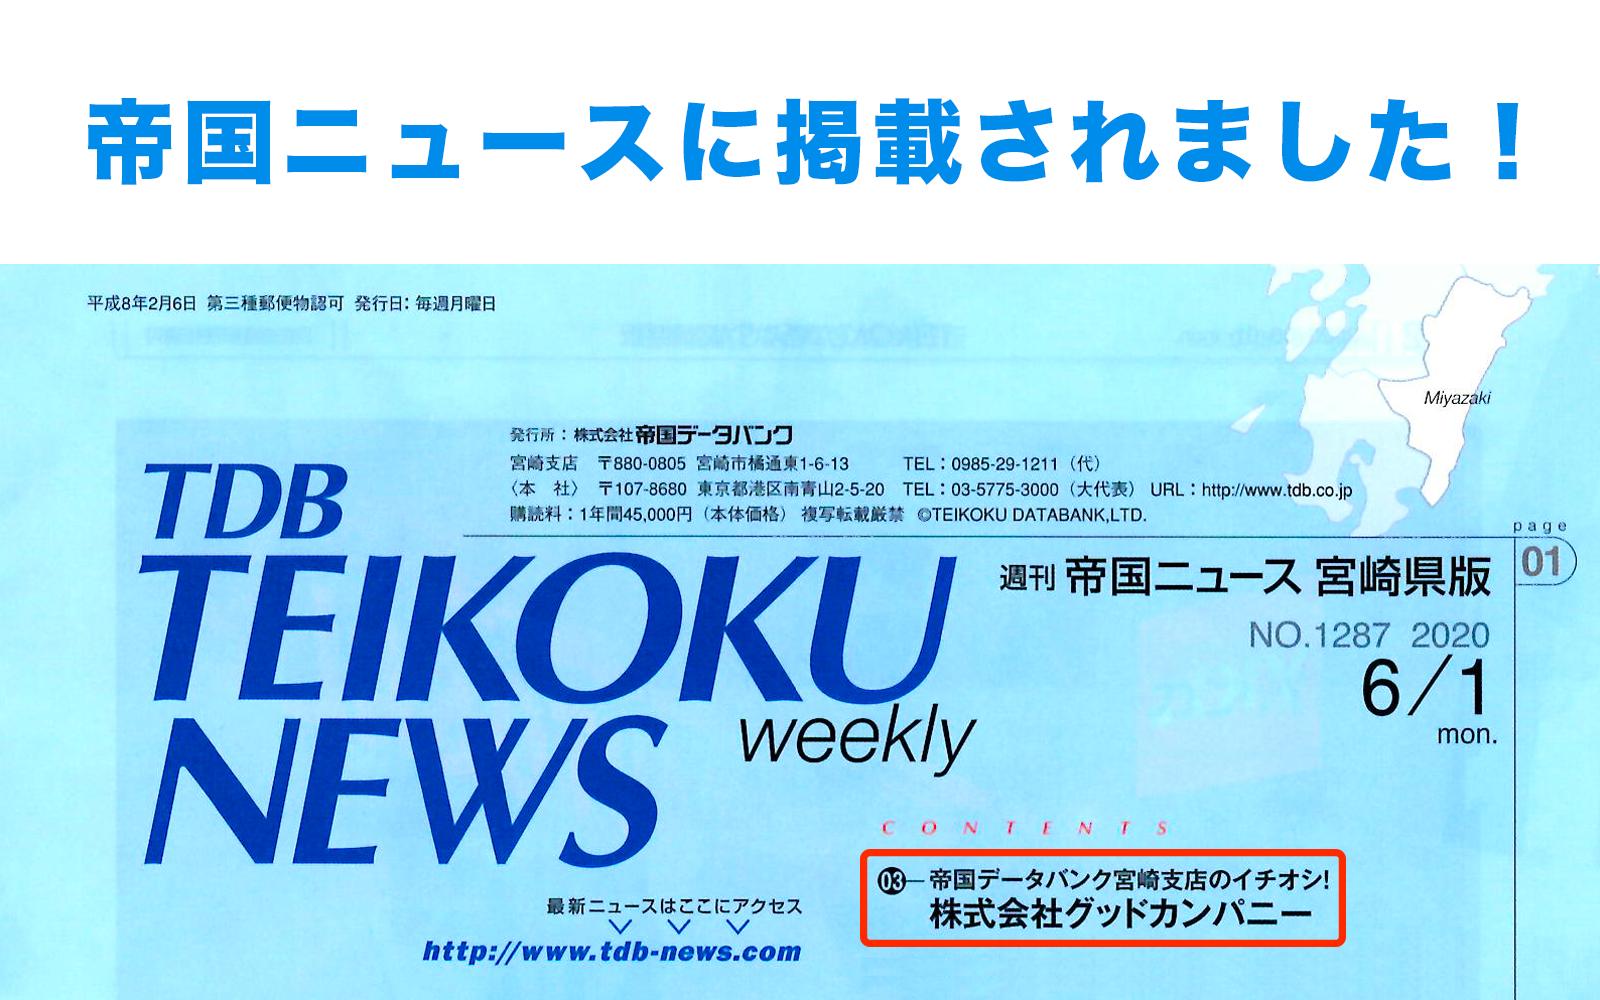 グッドカンパニーが帝国ニュース 宮崎県版に載りました!